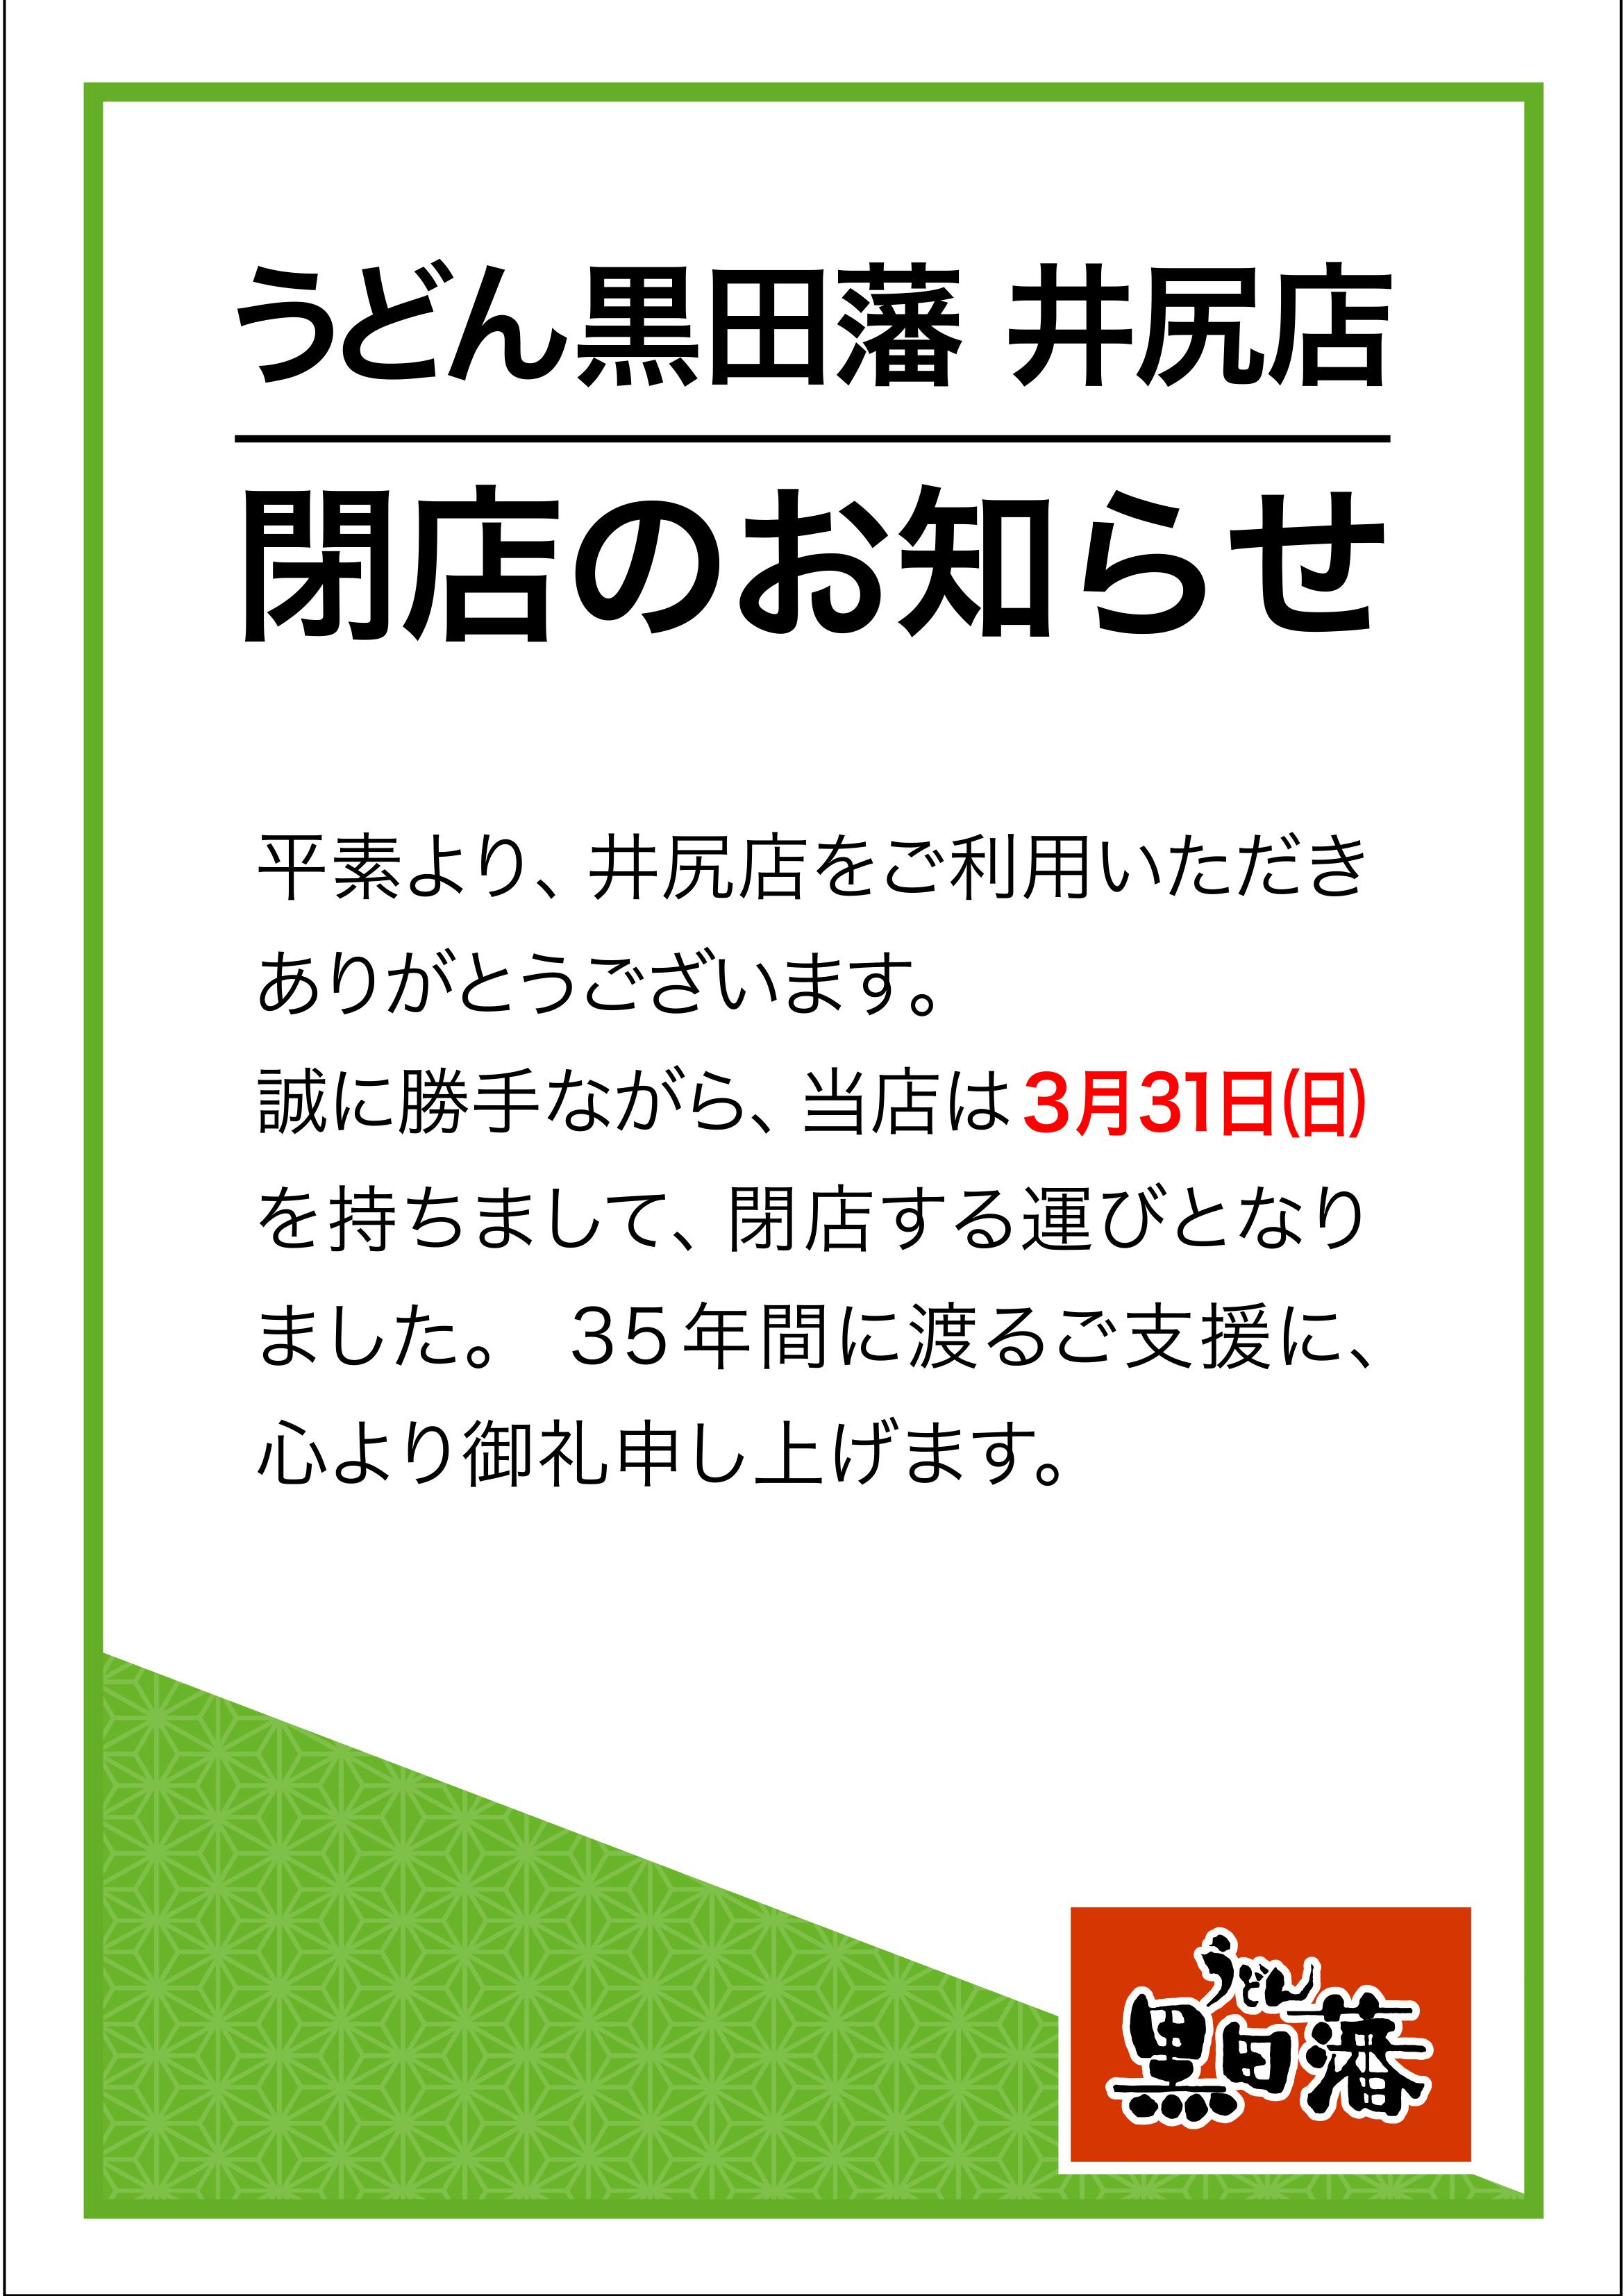 うどん黒田藩   井尻店  閉店のお知らせ